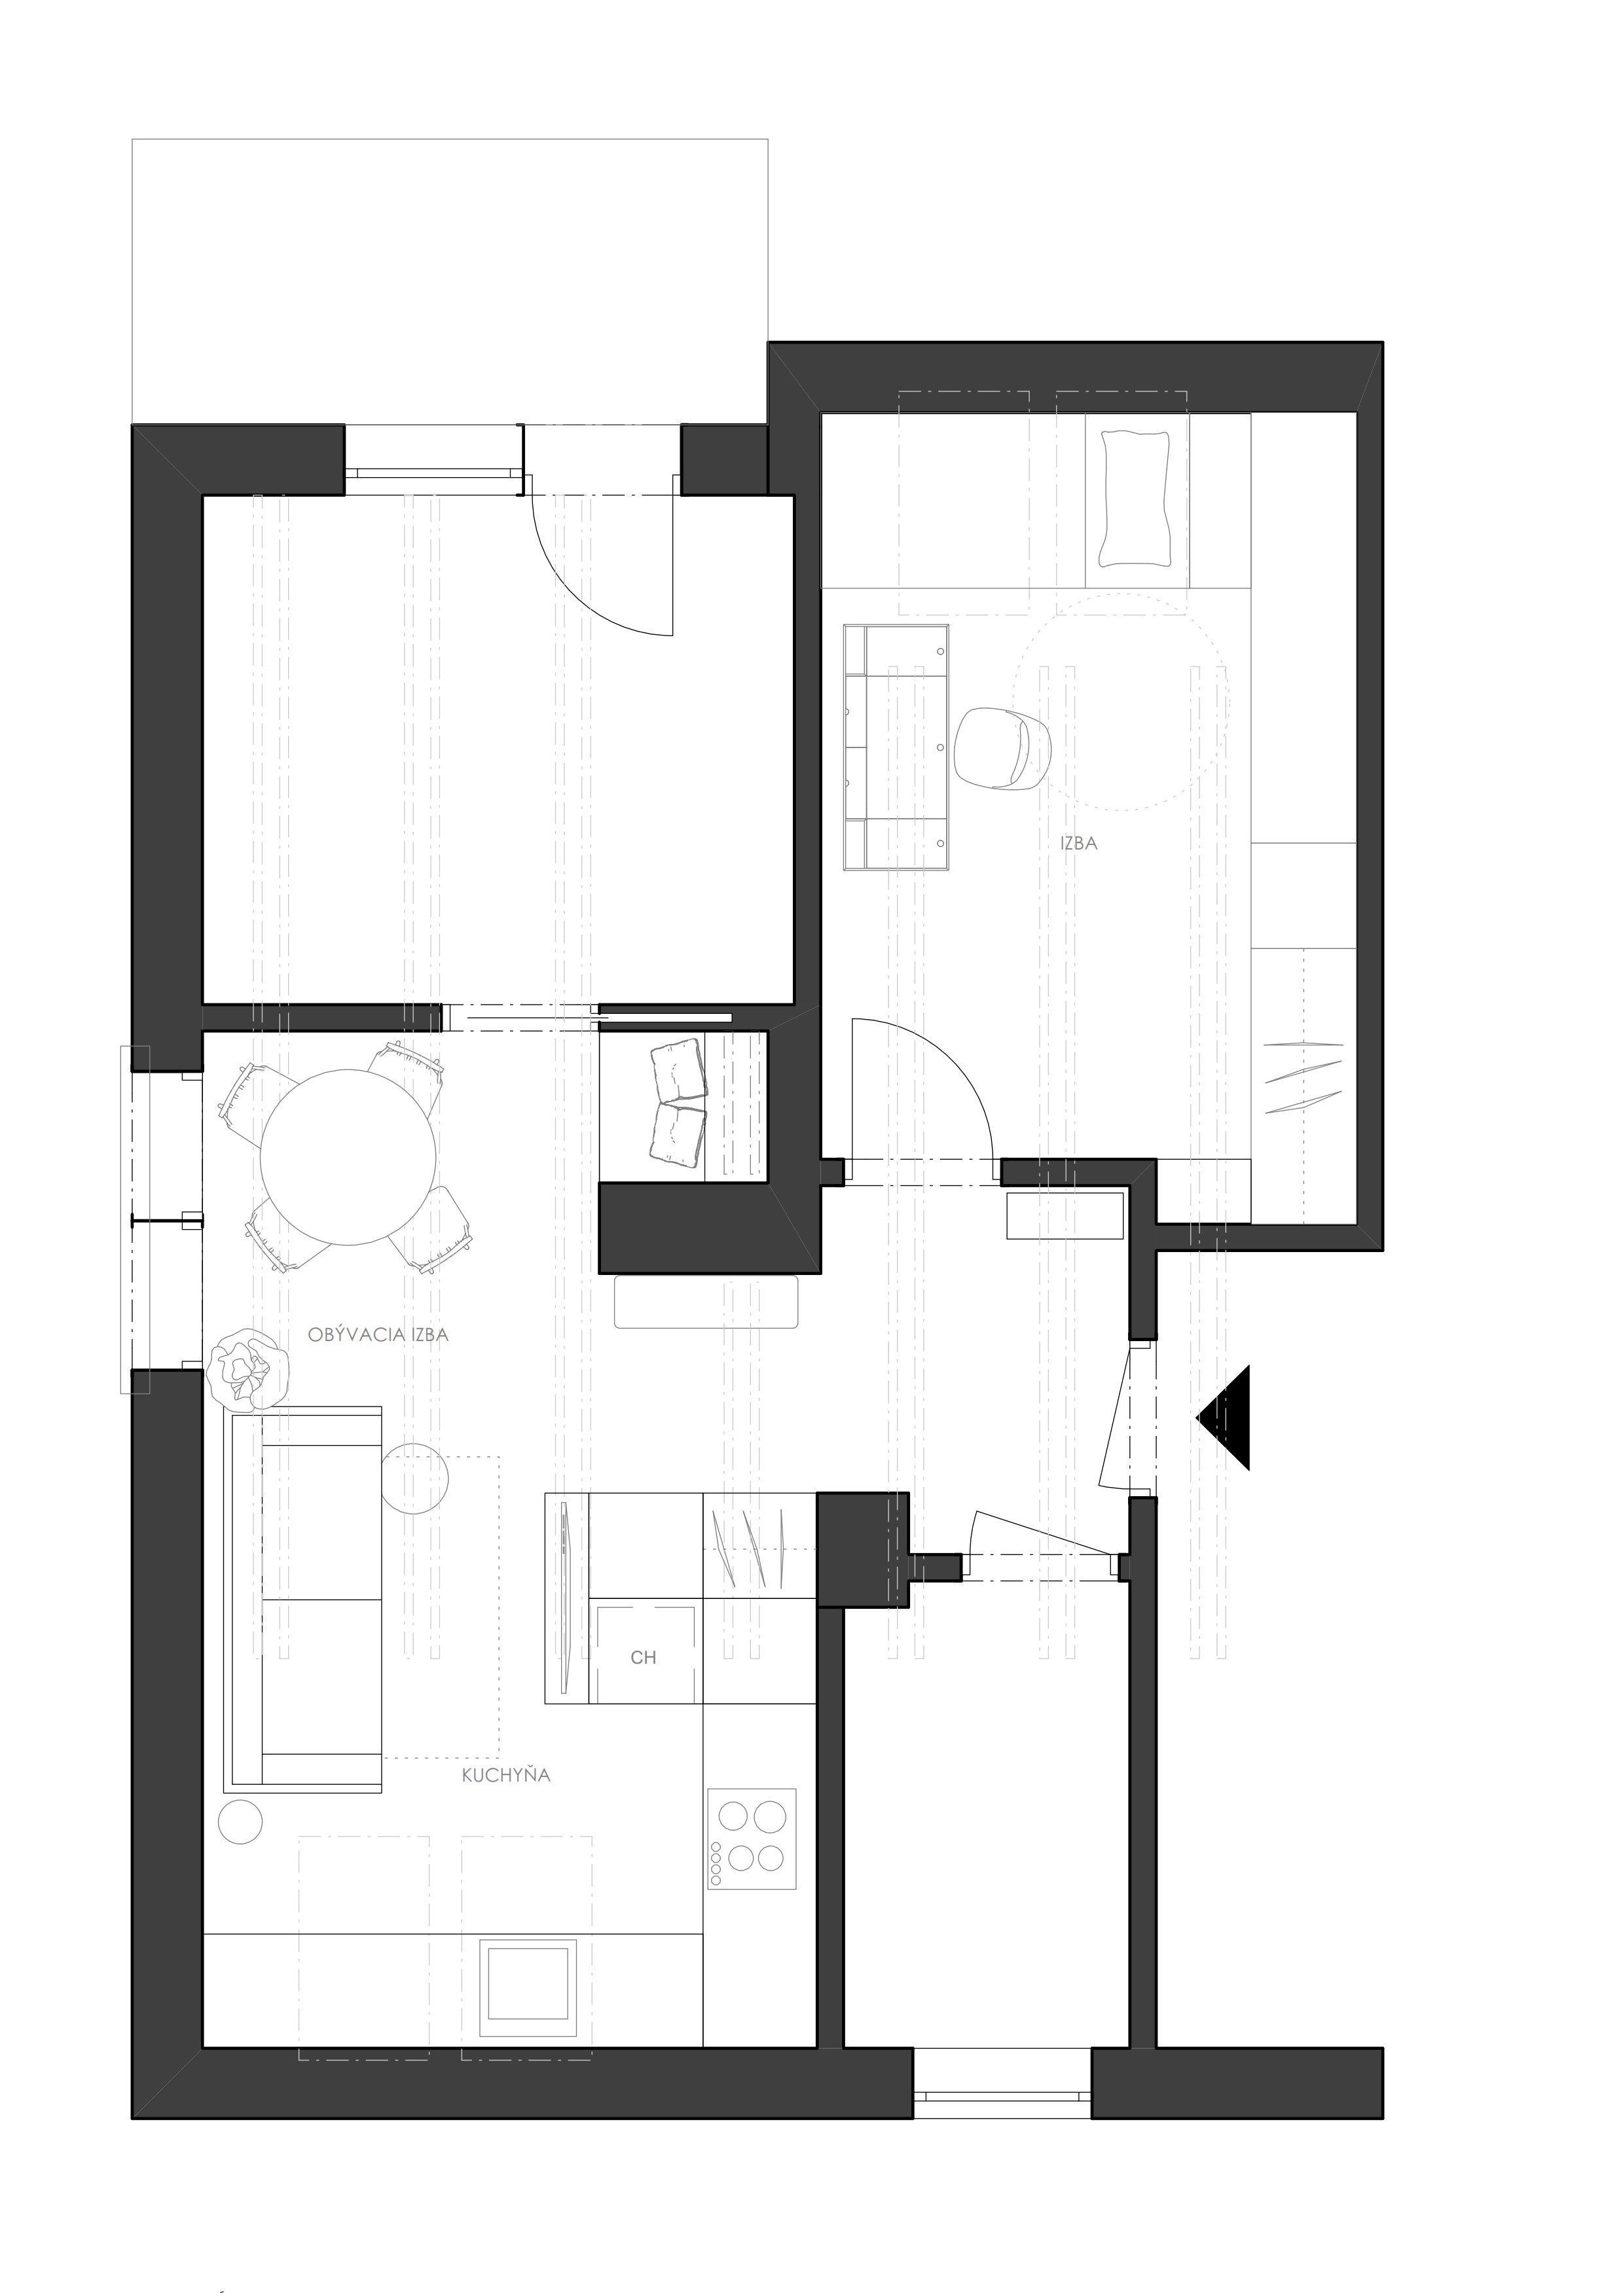 Návrh interiéru podkrovného bytu využíva relatívne malý priestor dennej zóny na maximum, pričom ho opticky neprepĺňa. Líniová hmota kuchyne plynulo prechádza…